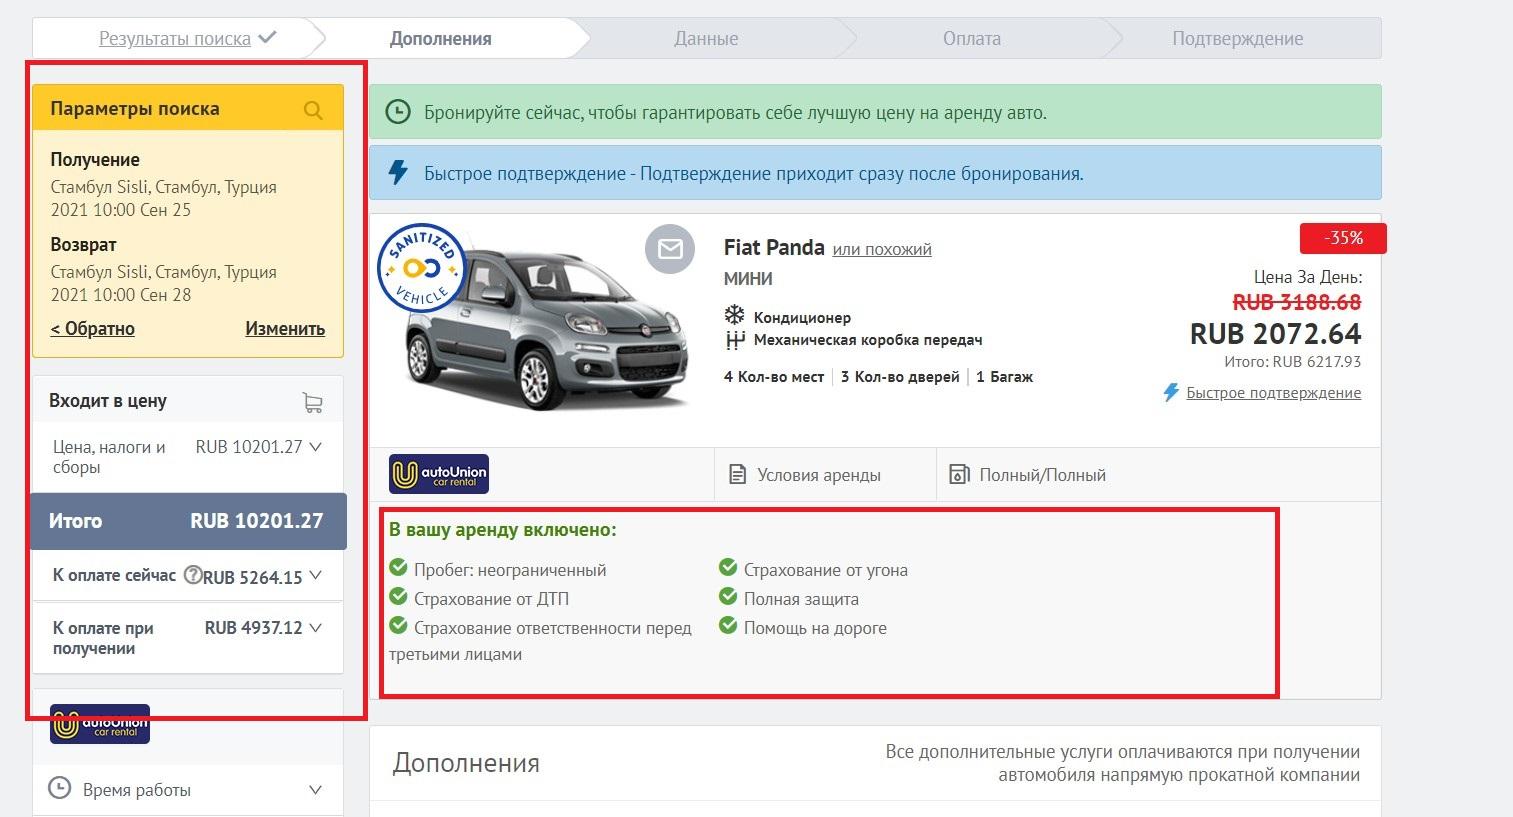 Детали аренды машины на странице бронирования авто